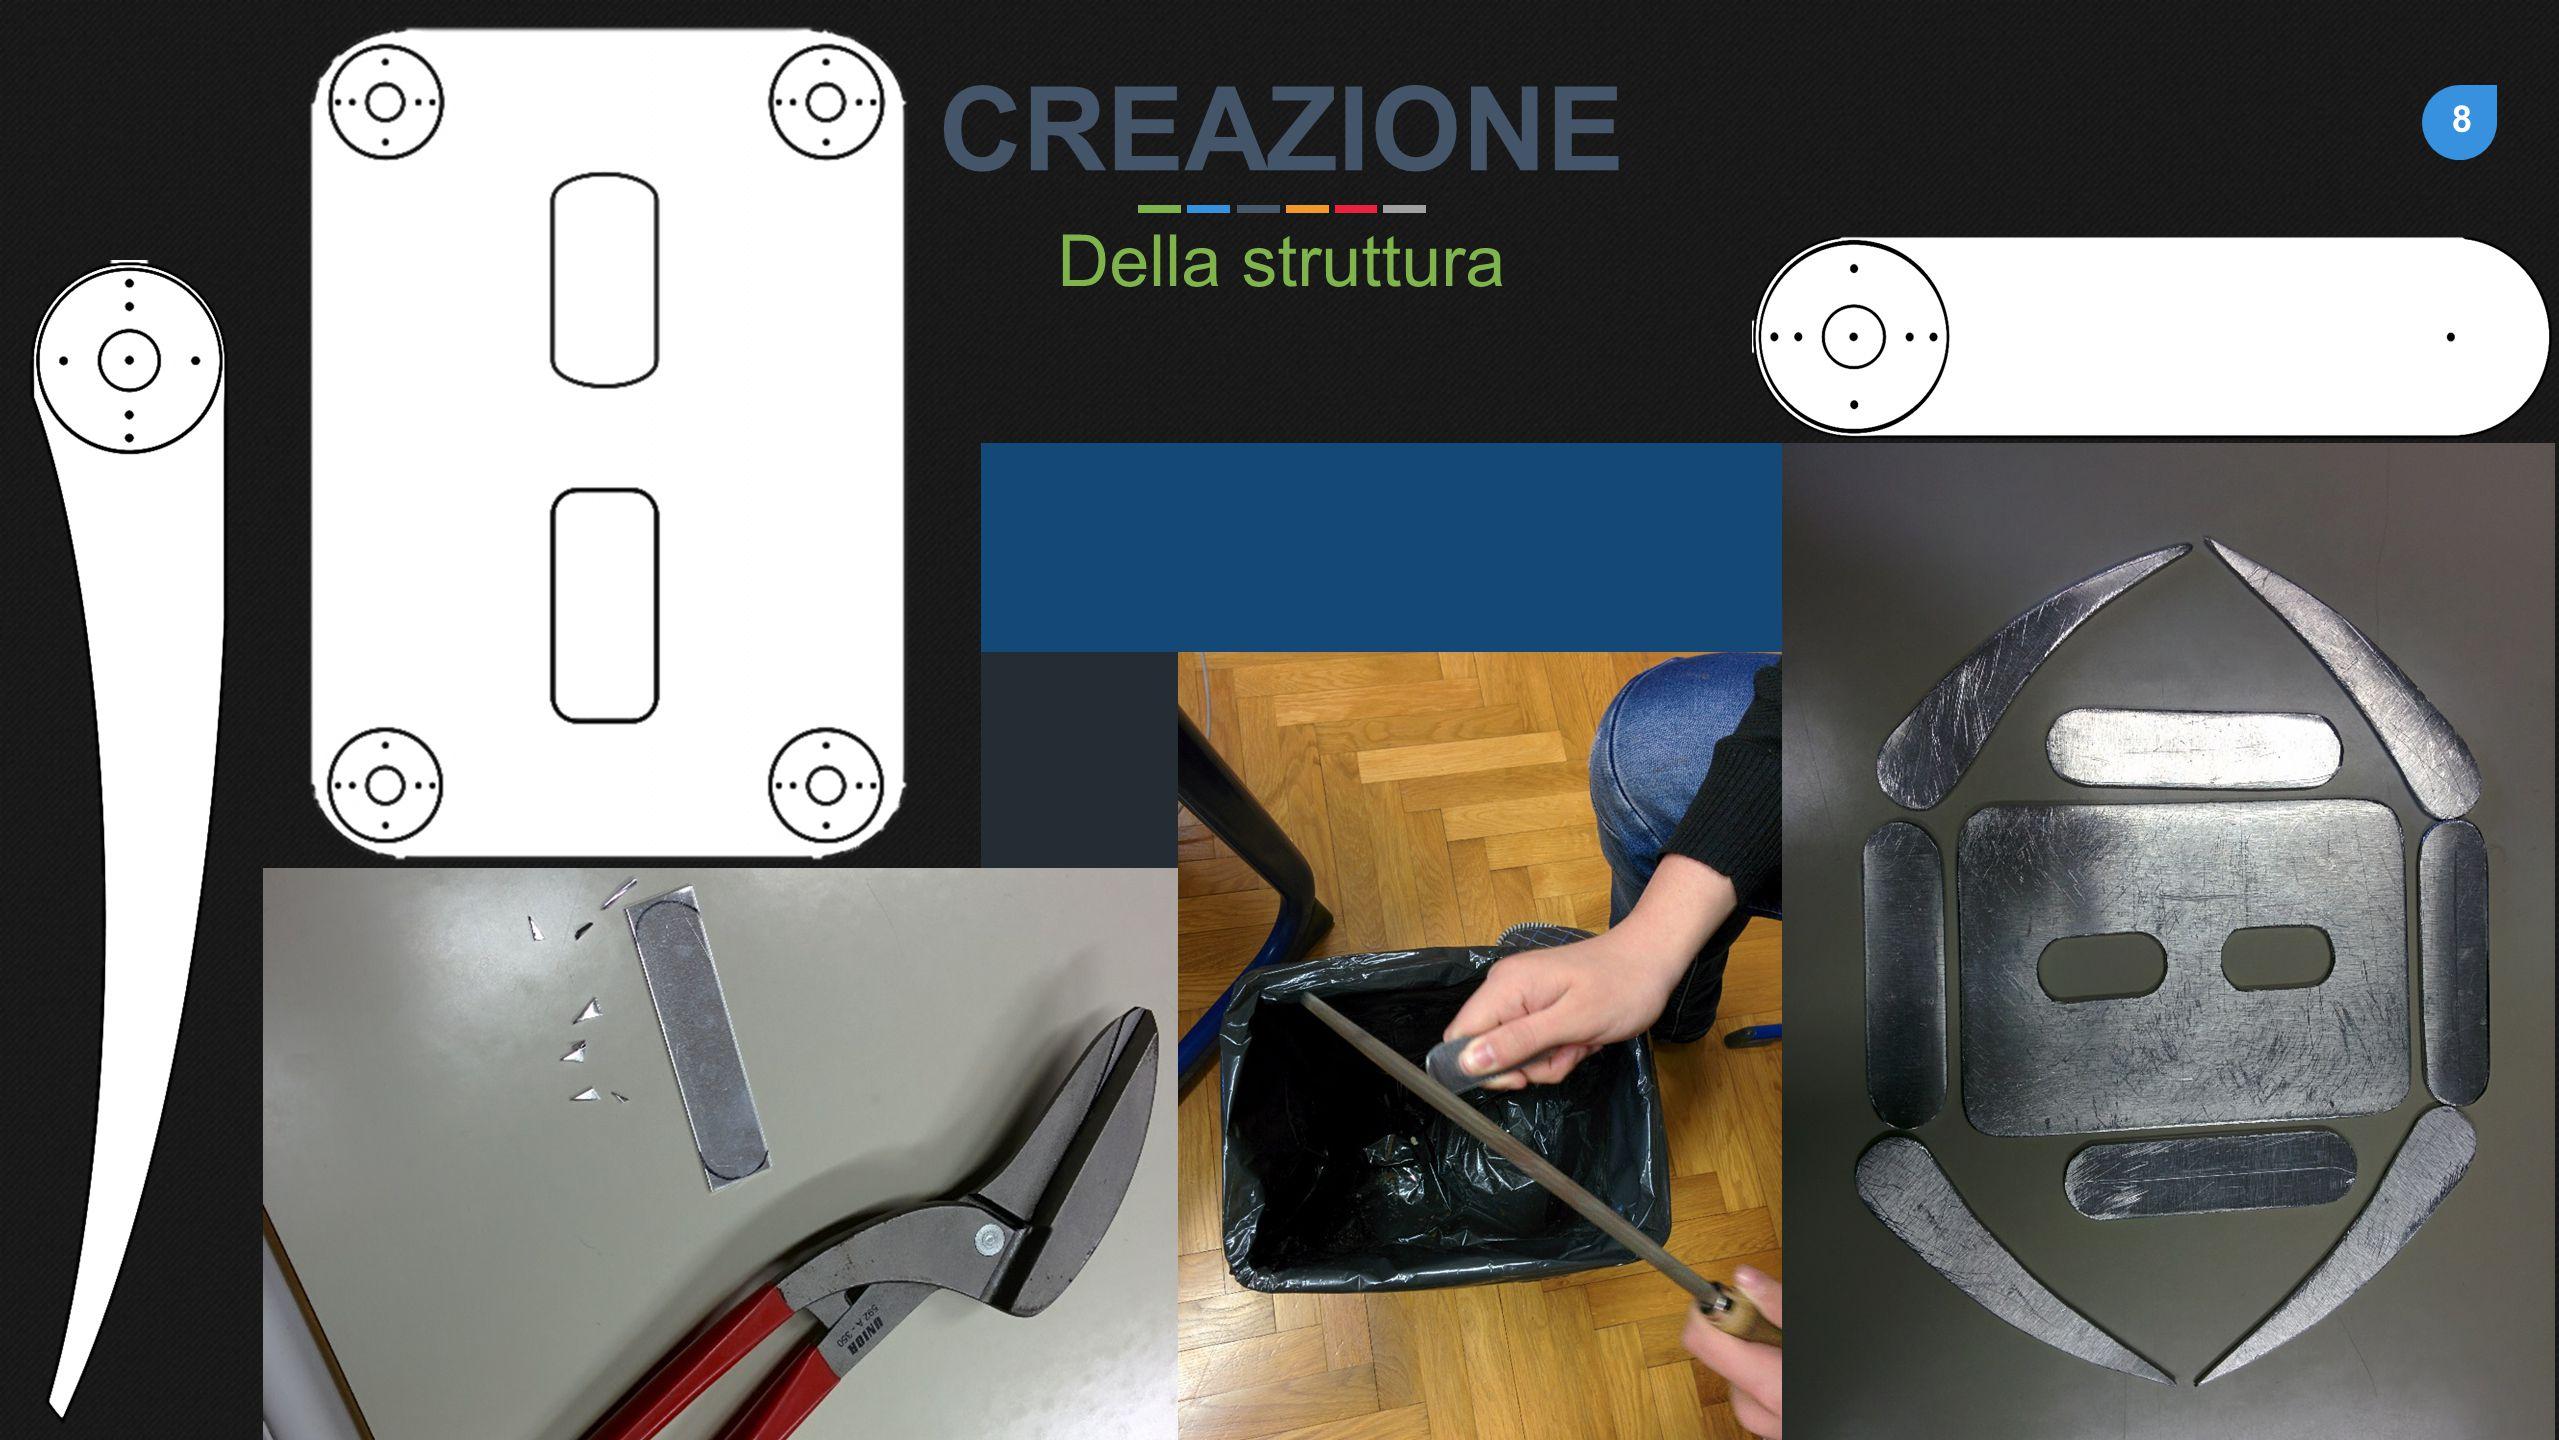 CREAZIONE Della struttura